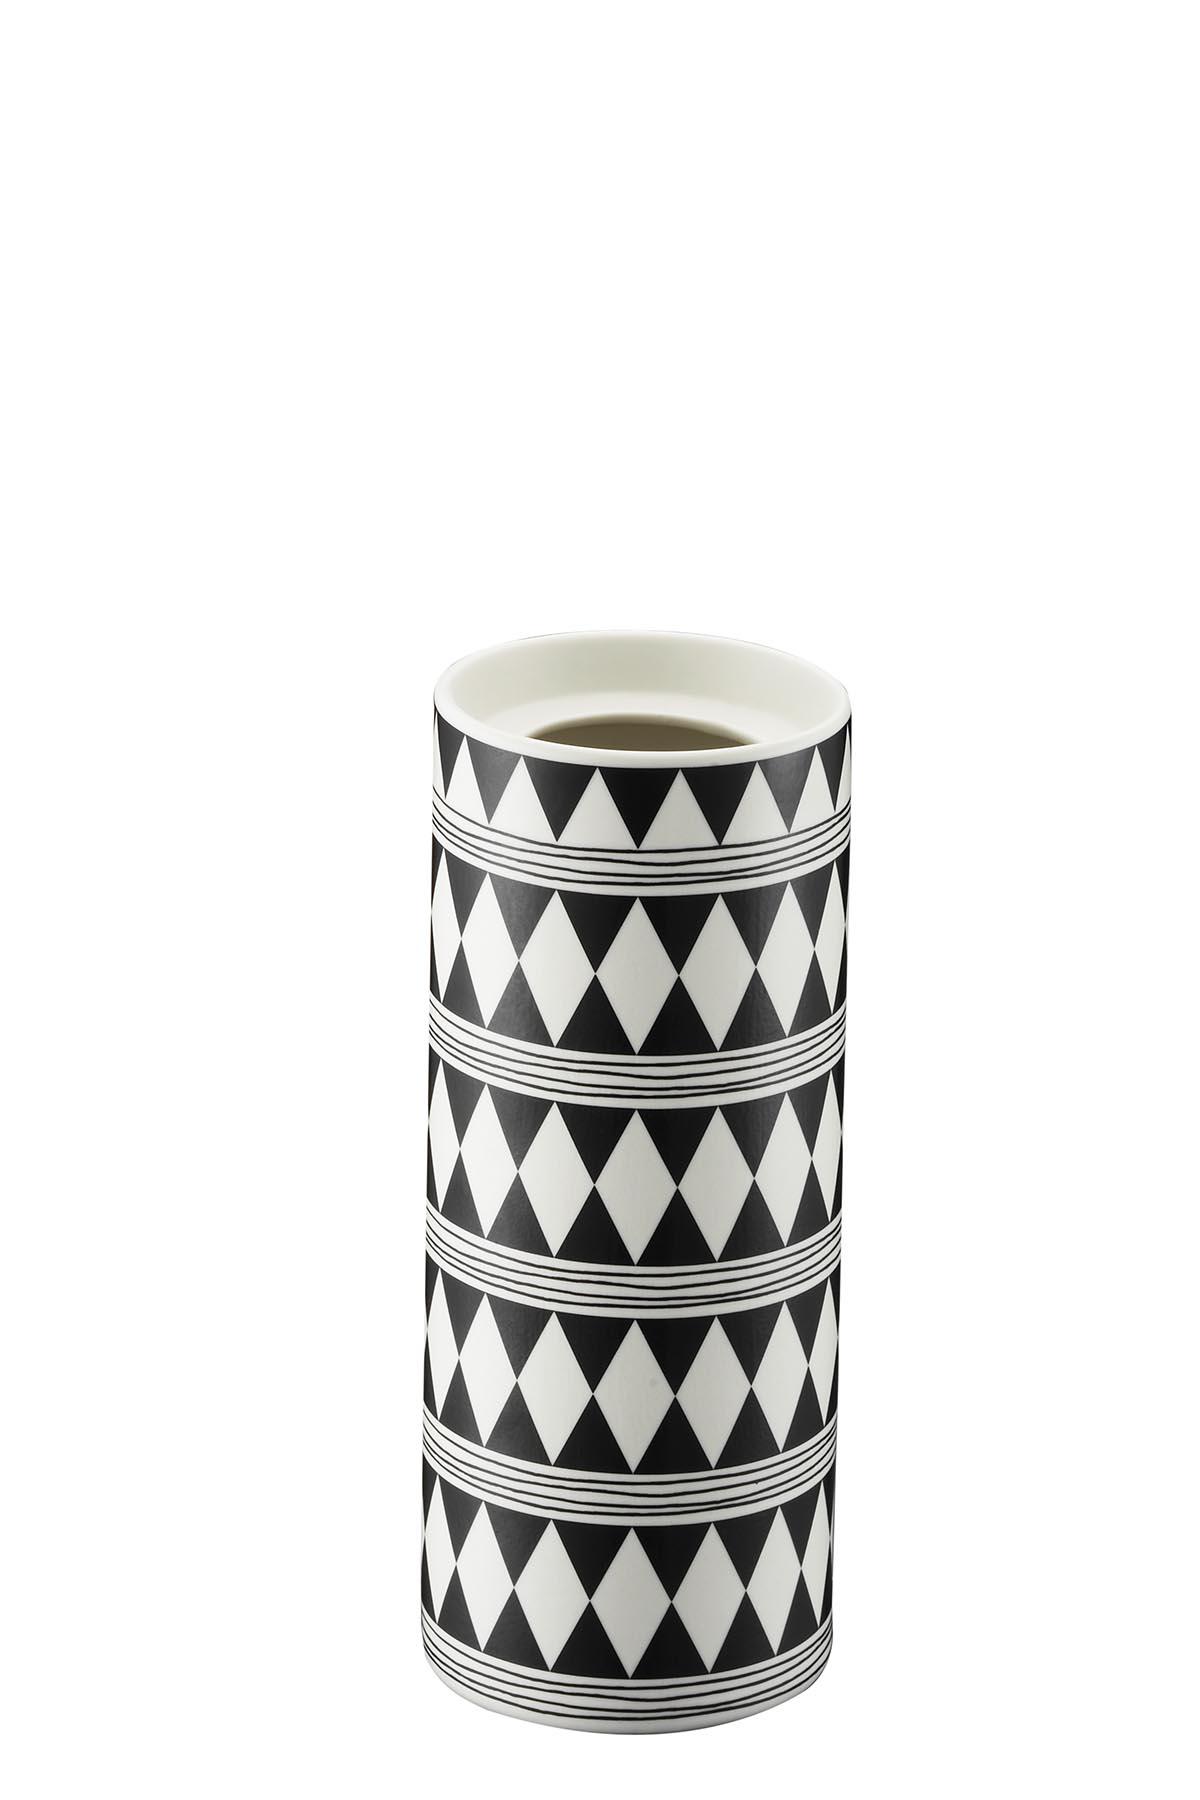 Kütahya Porselen Modern 20 cm Vazo 10957